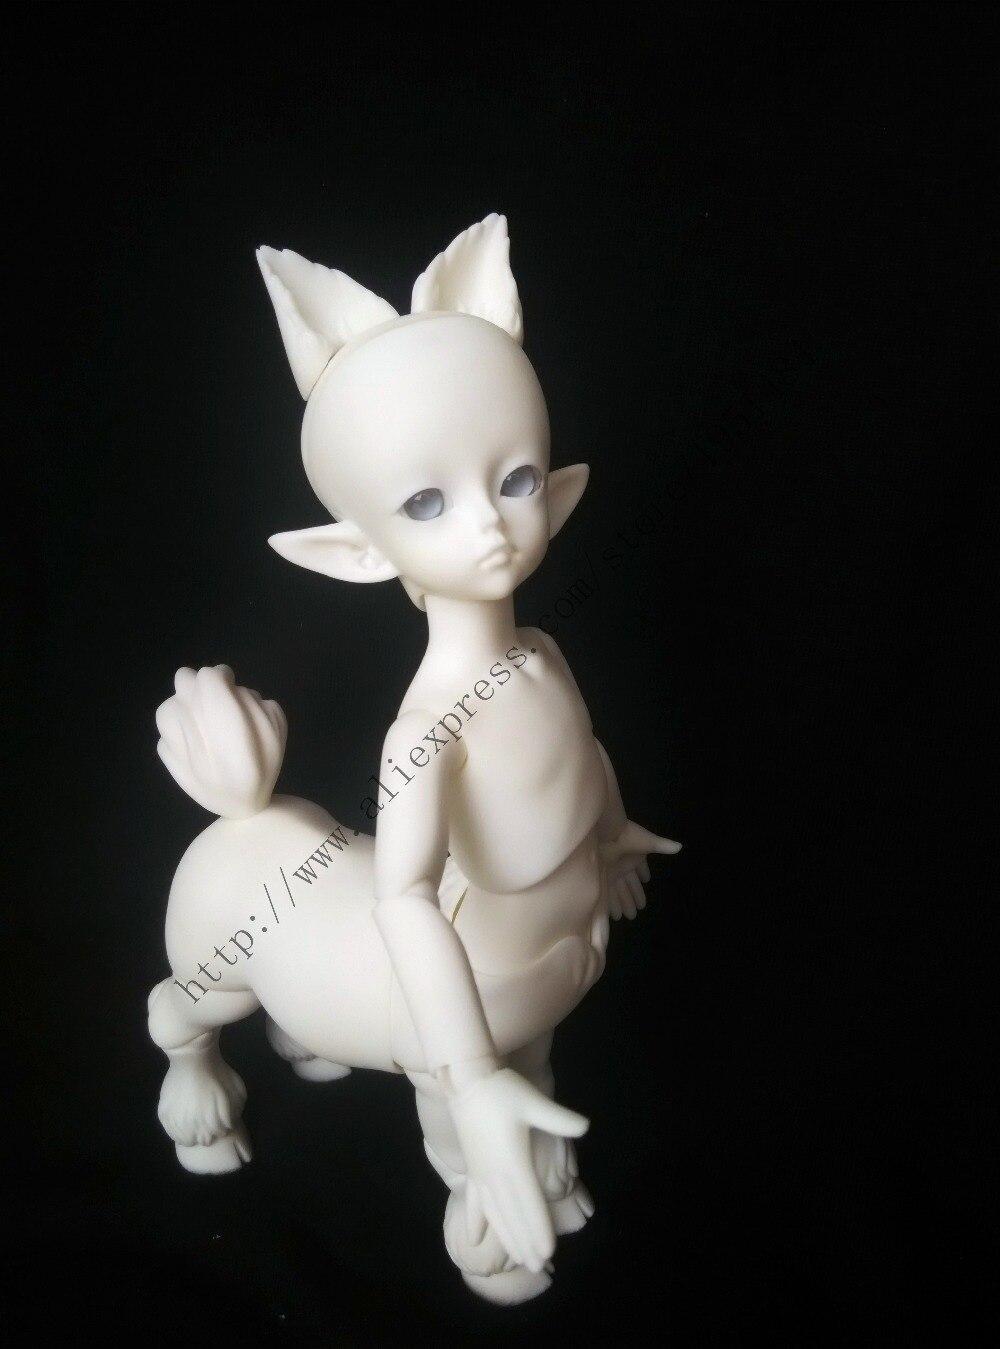 BJD Pop 1/6 Aloa Sov Centauren pop Gezamenlijke Pop Gratis Ogen-in Poppen van Speelgoed & Hobbies op  Groep 2